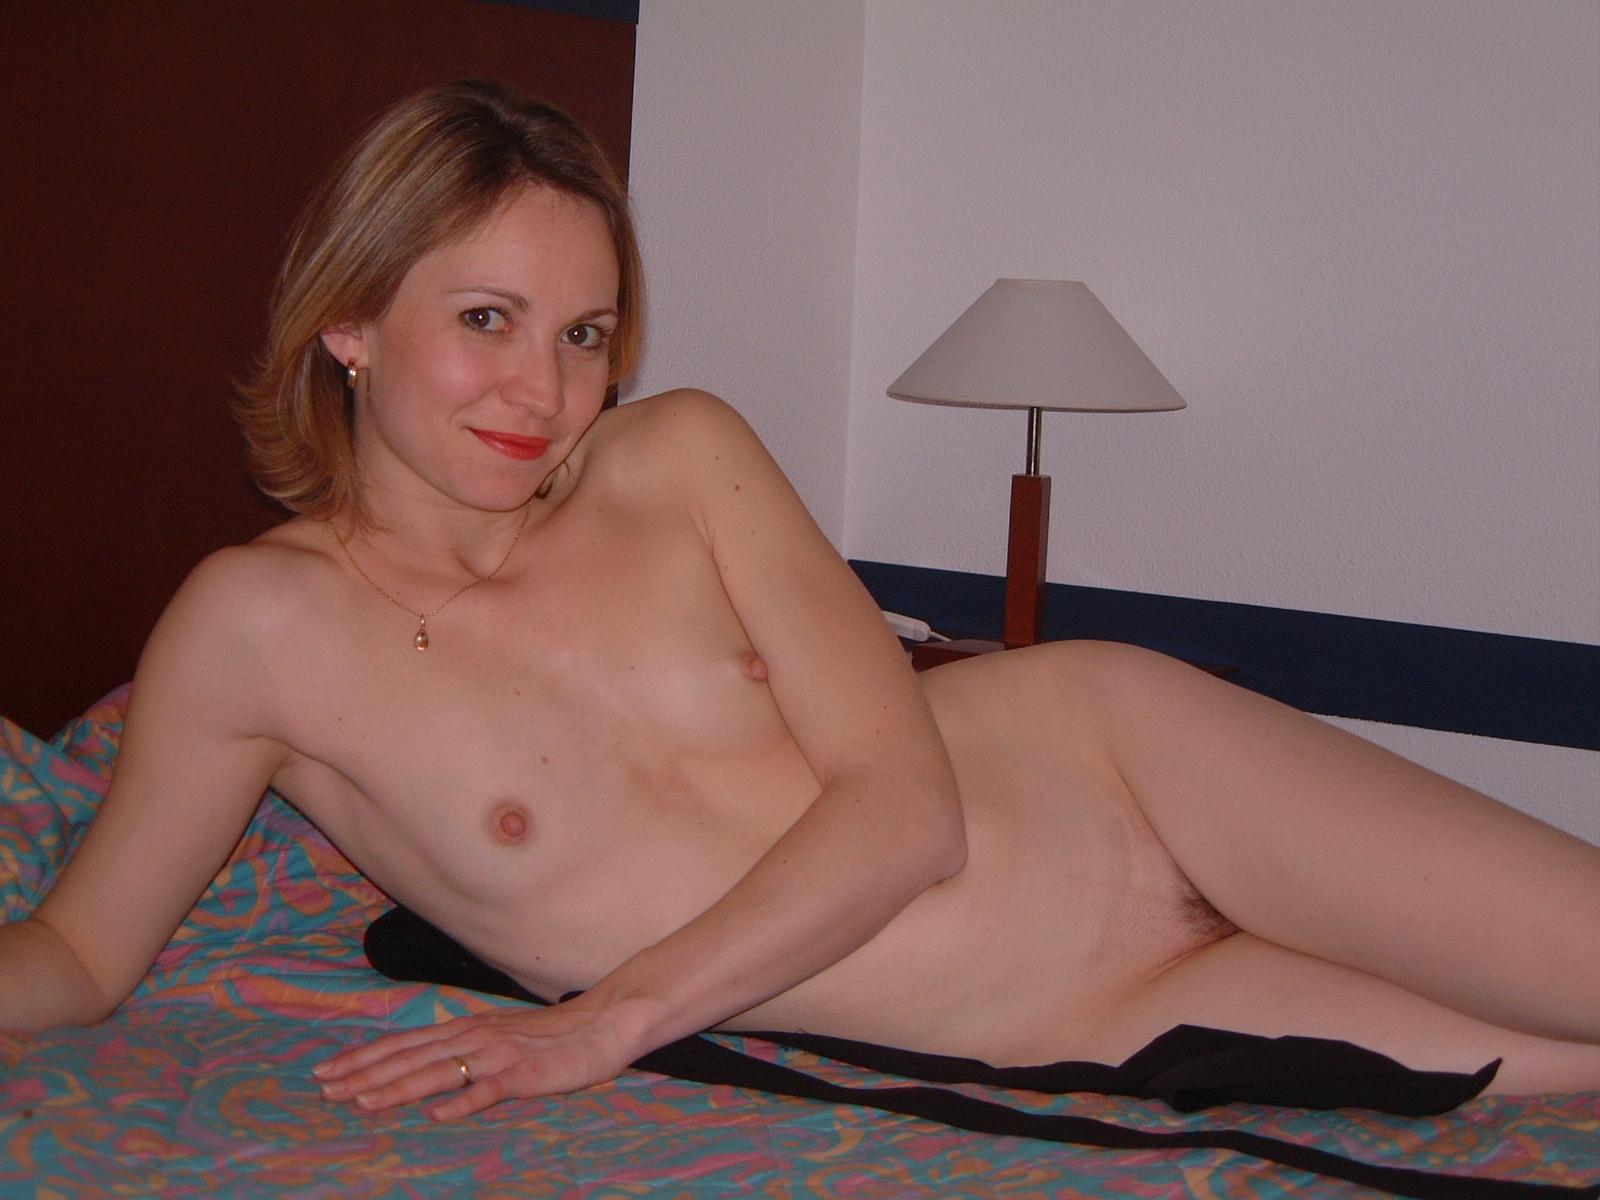 Exhib_-_Femme_Amatrice_Nue_Cochonne_-_Karine_BLANCHE_-_robe_noire_bas_et_porte_jarettelles_057.JPG